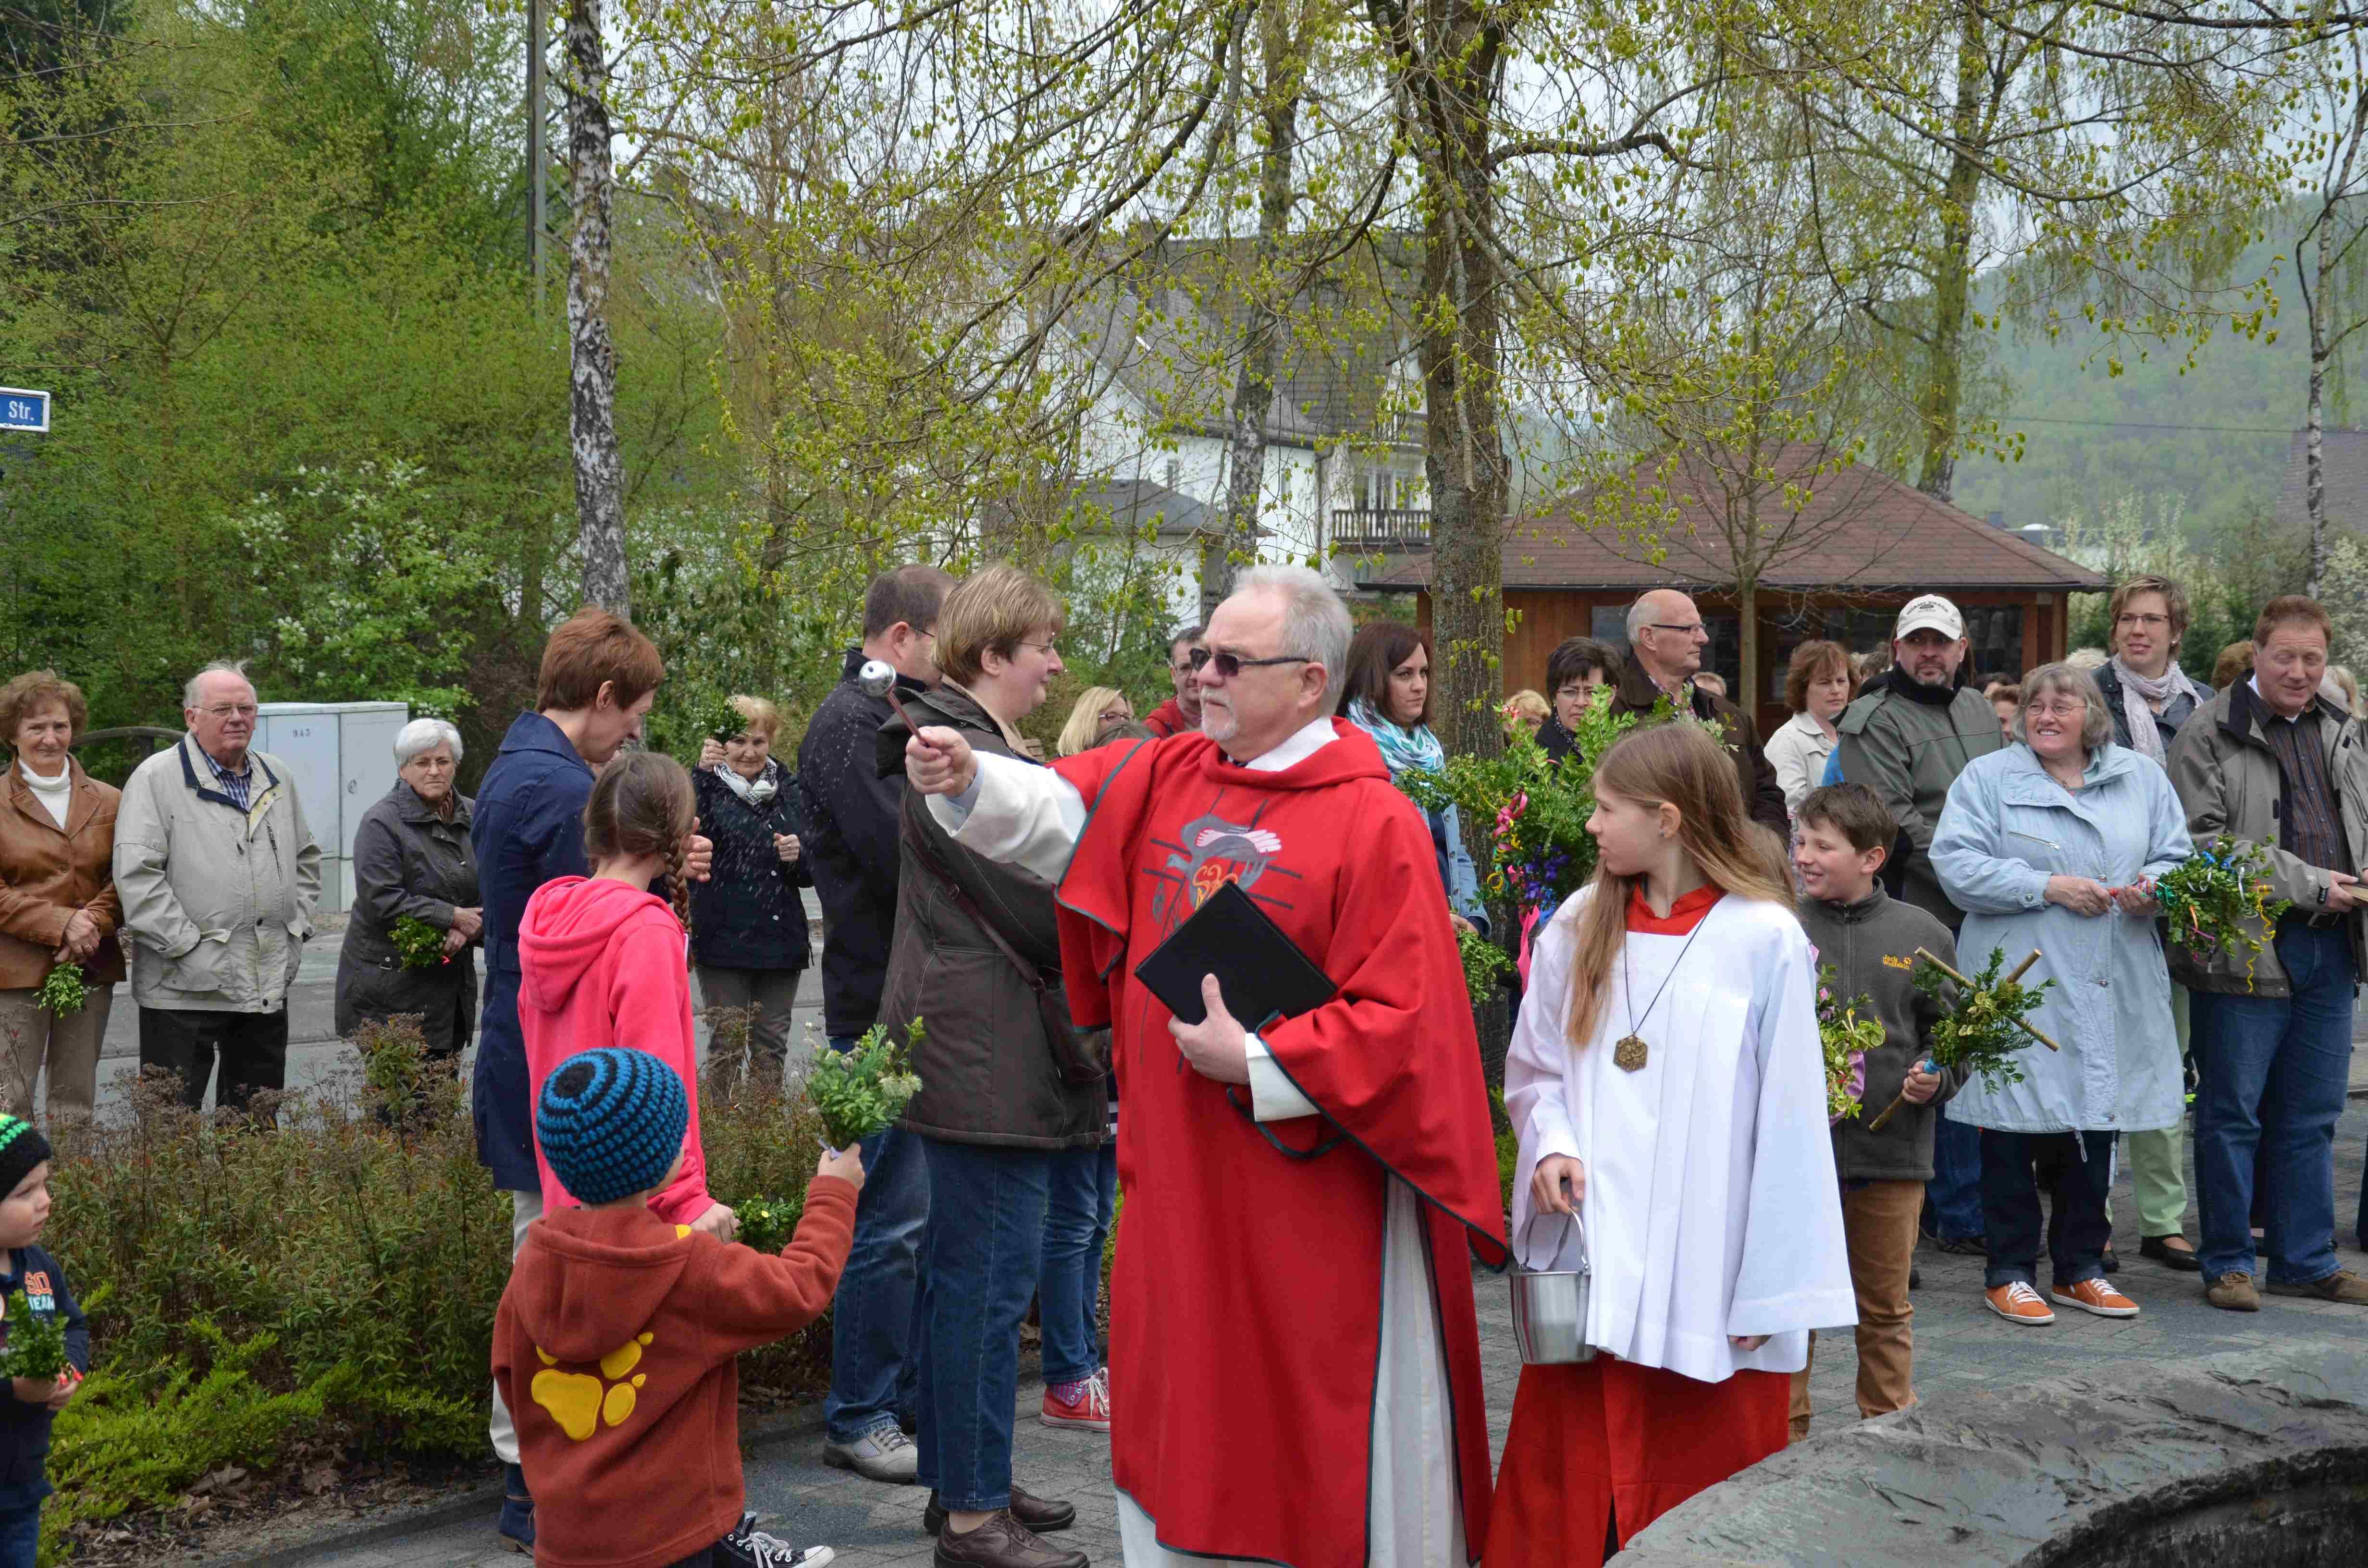 Palmweihe am Dorfbrunnen – Feier des Einzugs Jesu in Jerusalem